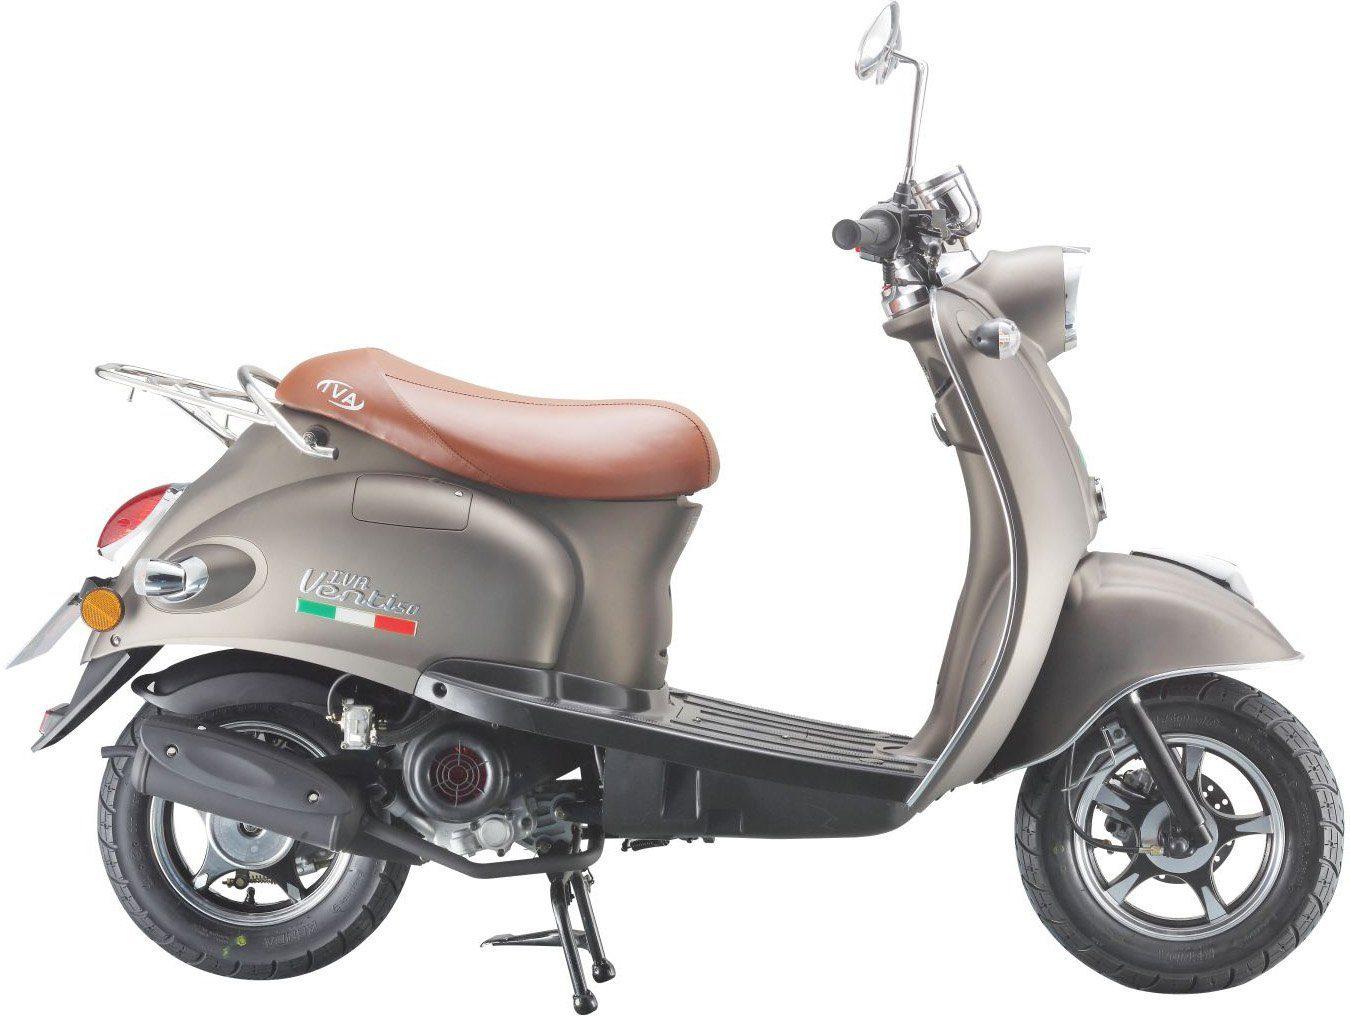 IVA Mofaroller 50 ccm, 3 PS, 25 km/h, für 1 Person, taupe, »VENTI«